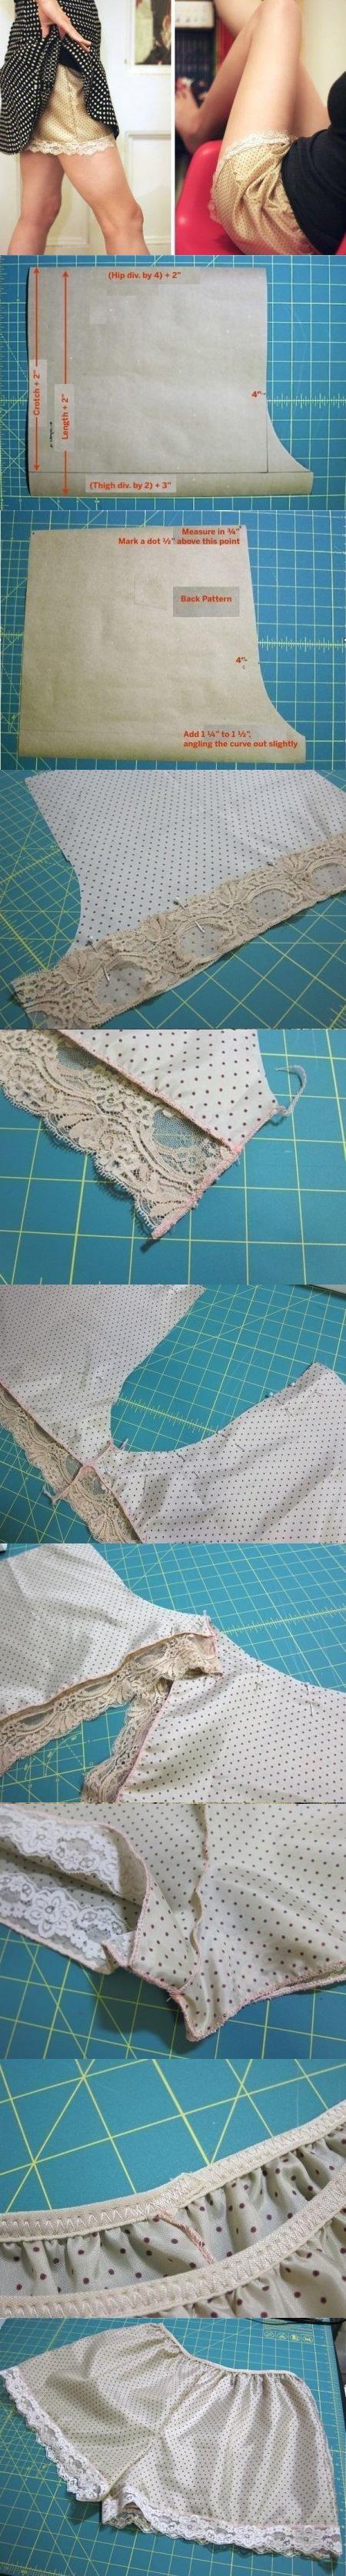 Пижамные женские шорты: выкройка и мастер-класс по шитью своими руками